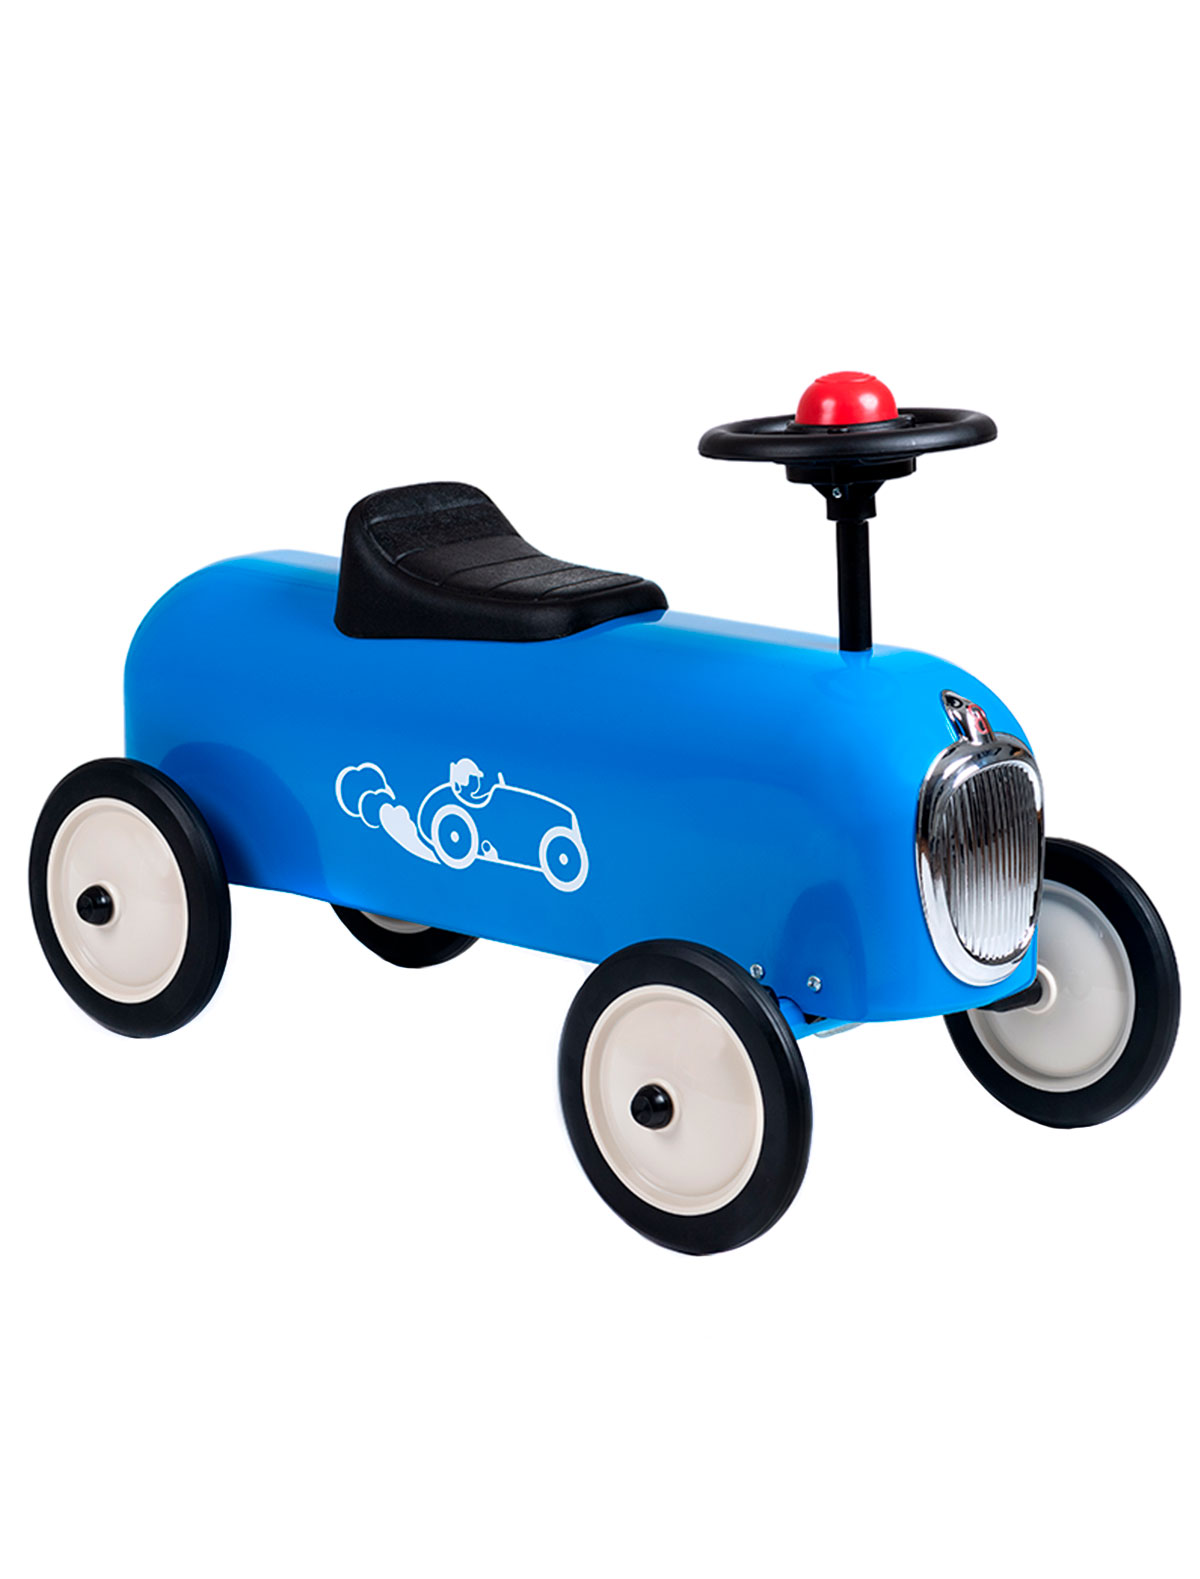 Купить 2202584, Машинка детская Baghera, синий, 7681420070021